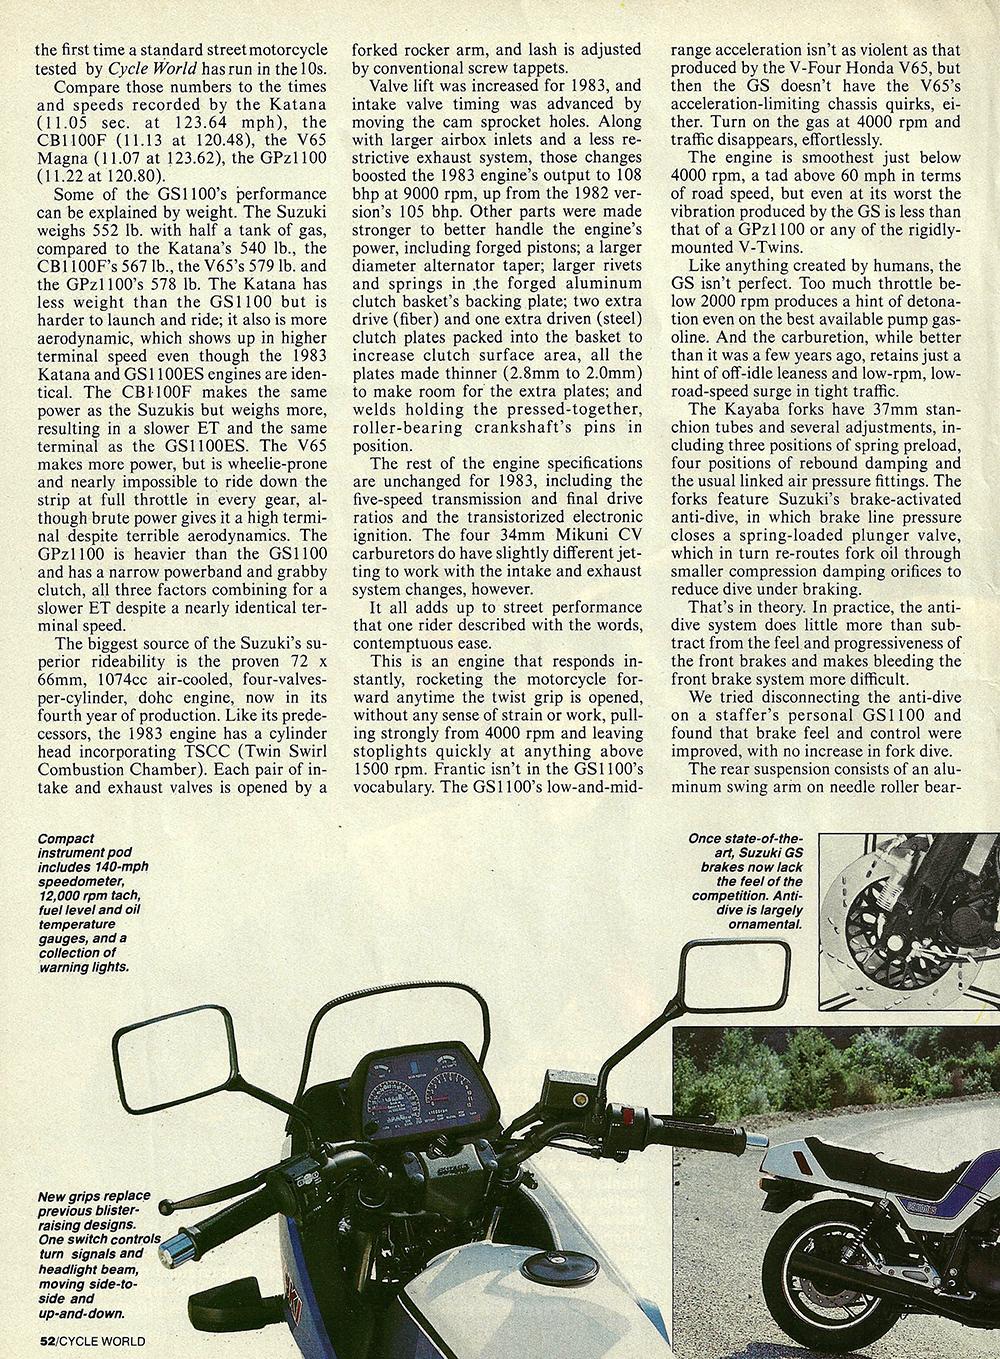 1983 Suzuki GS1100E road test 03.jpg